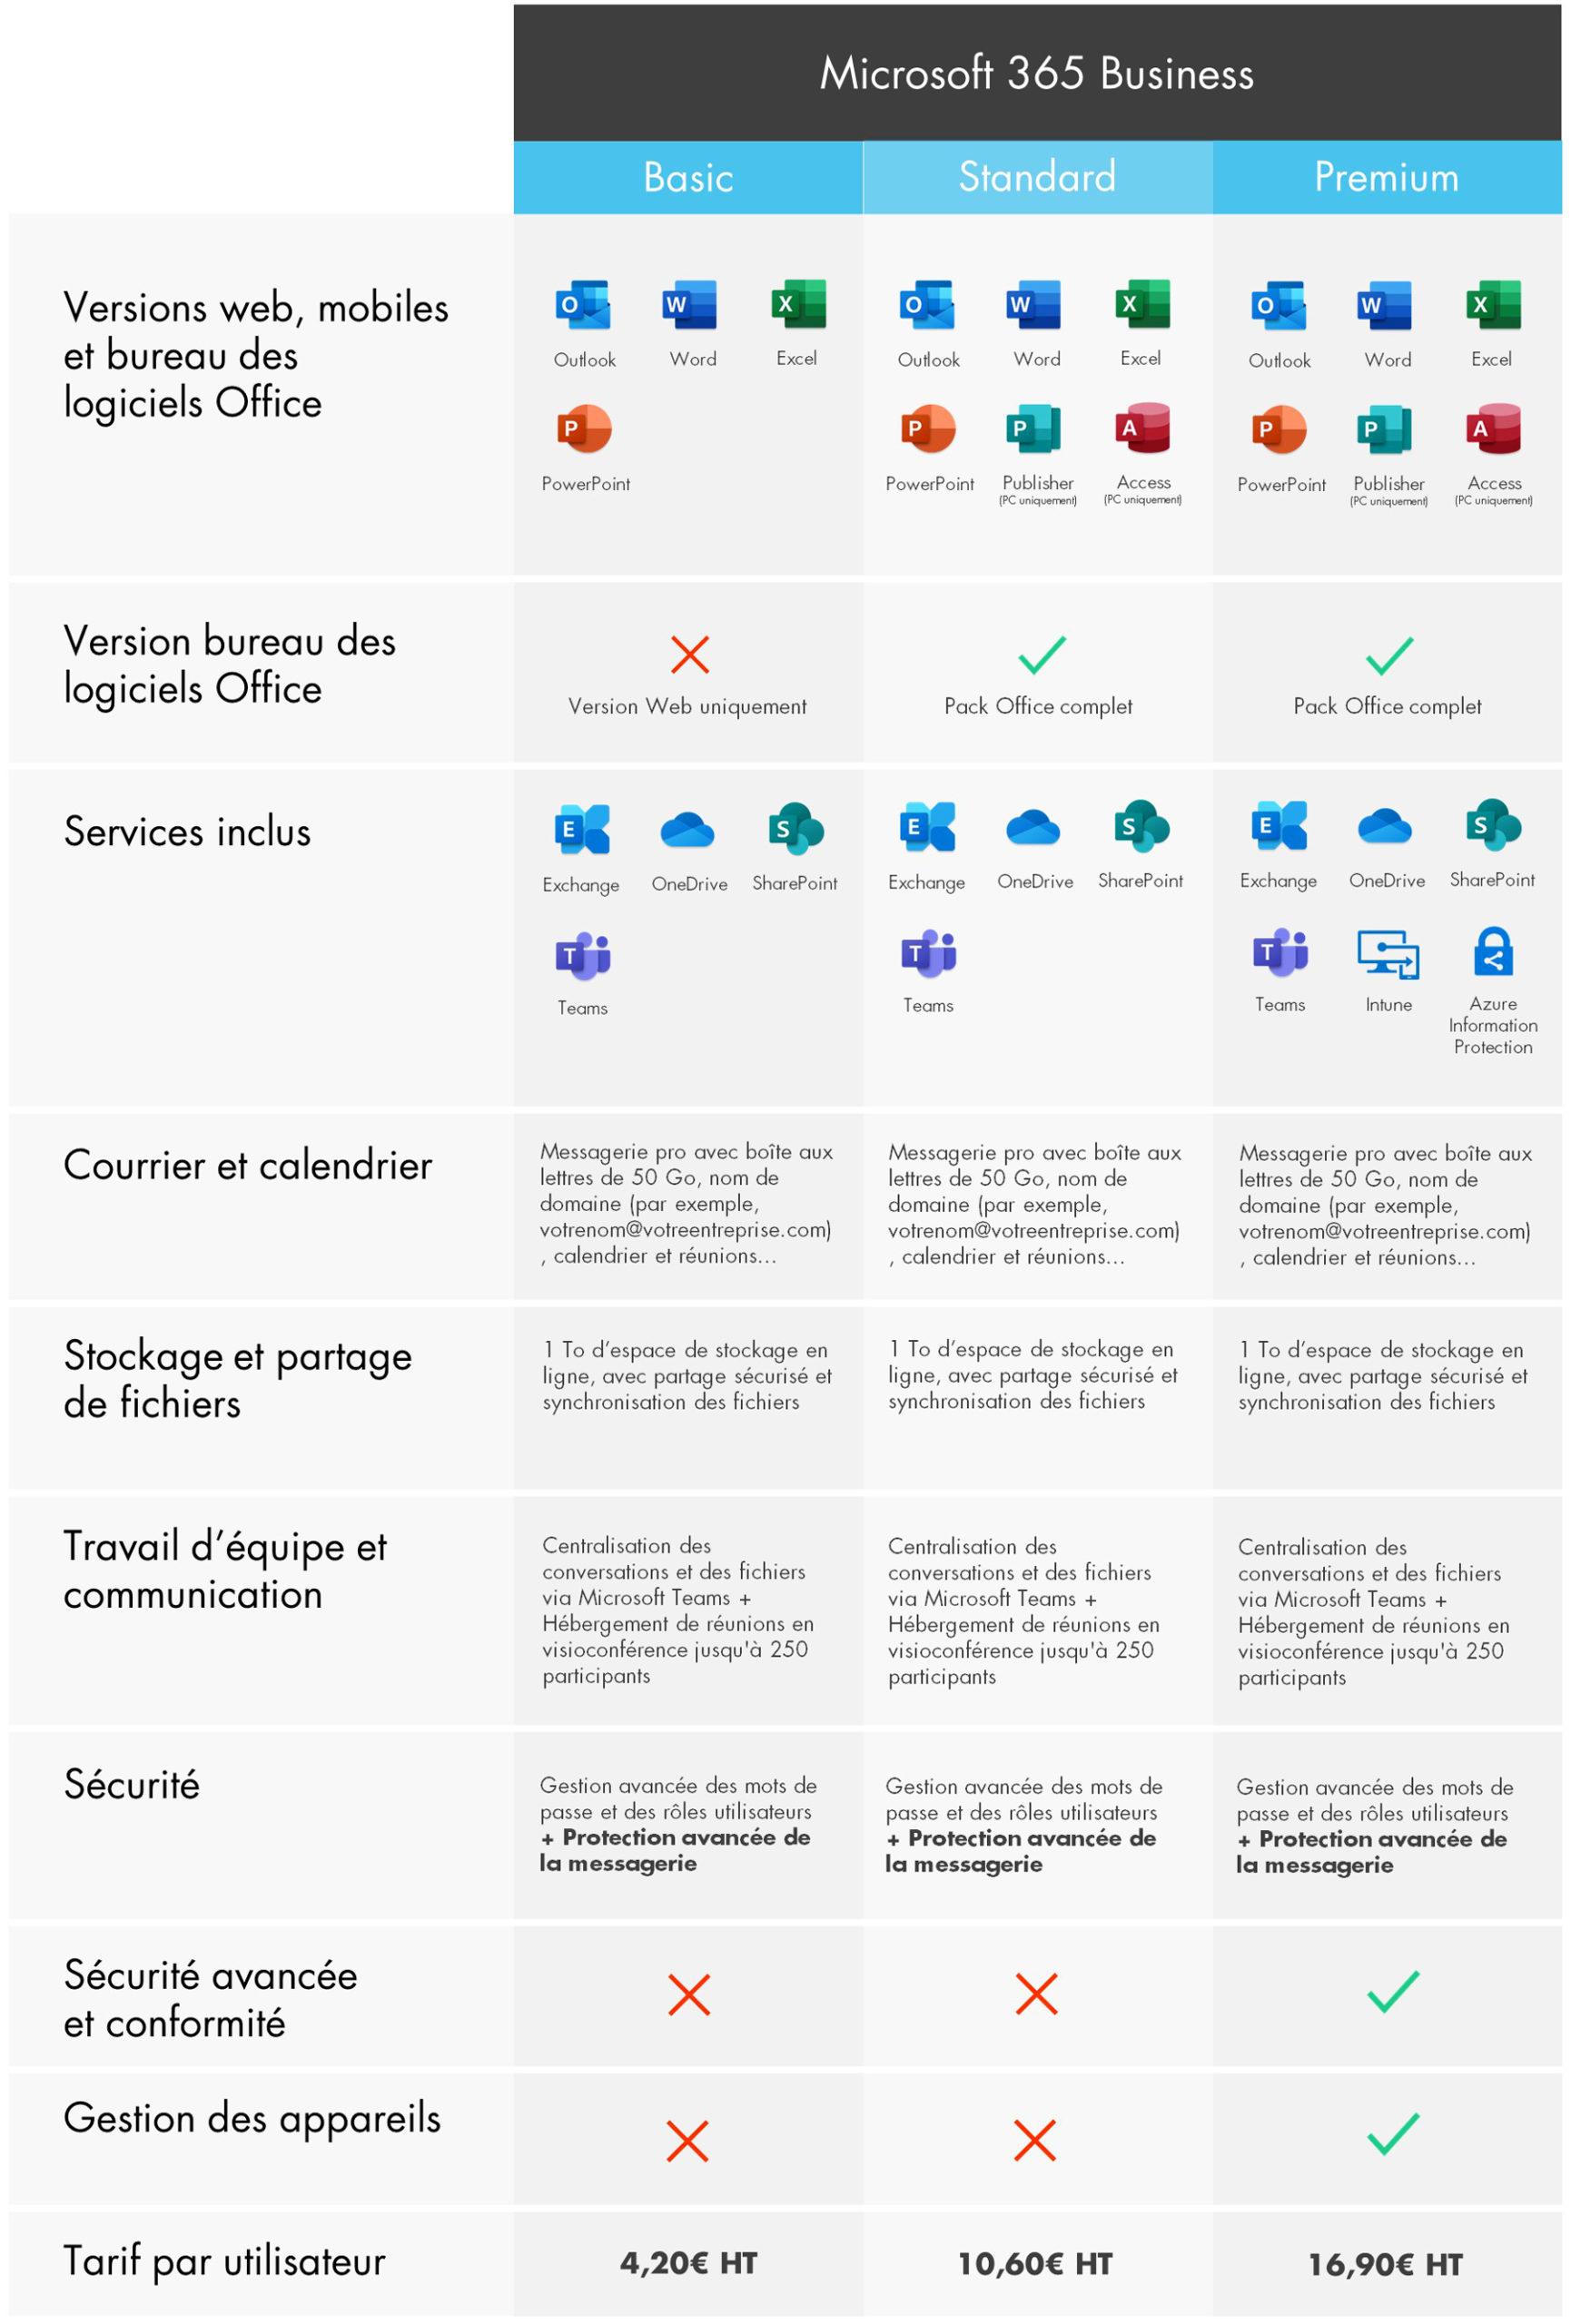 Tableau comparatif des offres Microsoft 365 Business